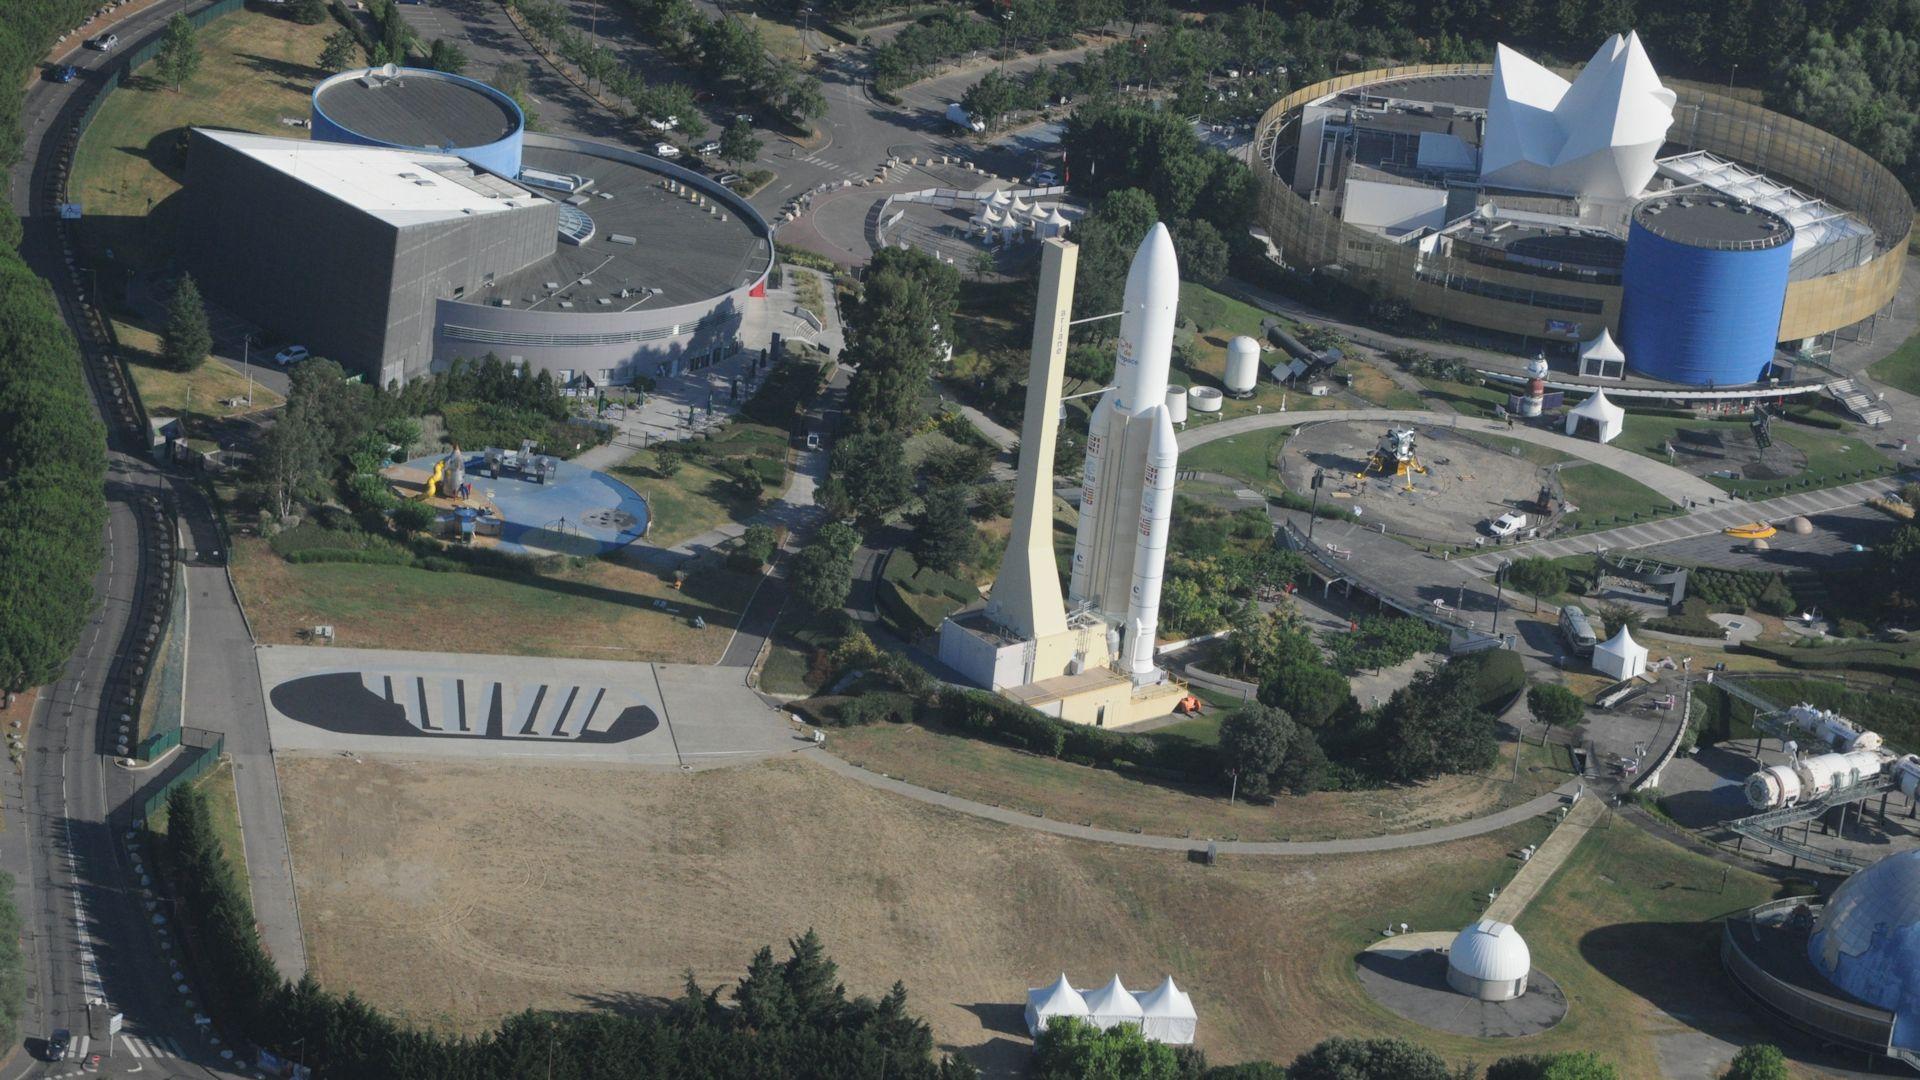 #GiantStep - #Apollo50th - 50 ans Apollo 11 - Empreinte géante - Toulouse - Cité de l'espace - Man on the moon - Pas de géant - Lune - ULM - Footprint